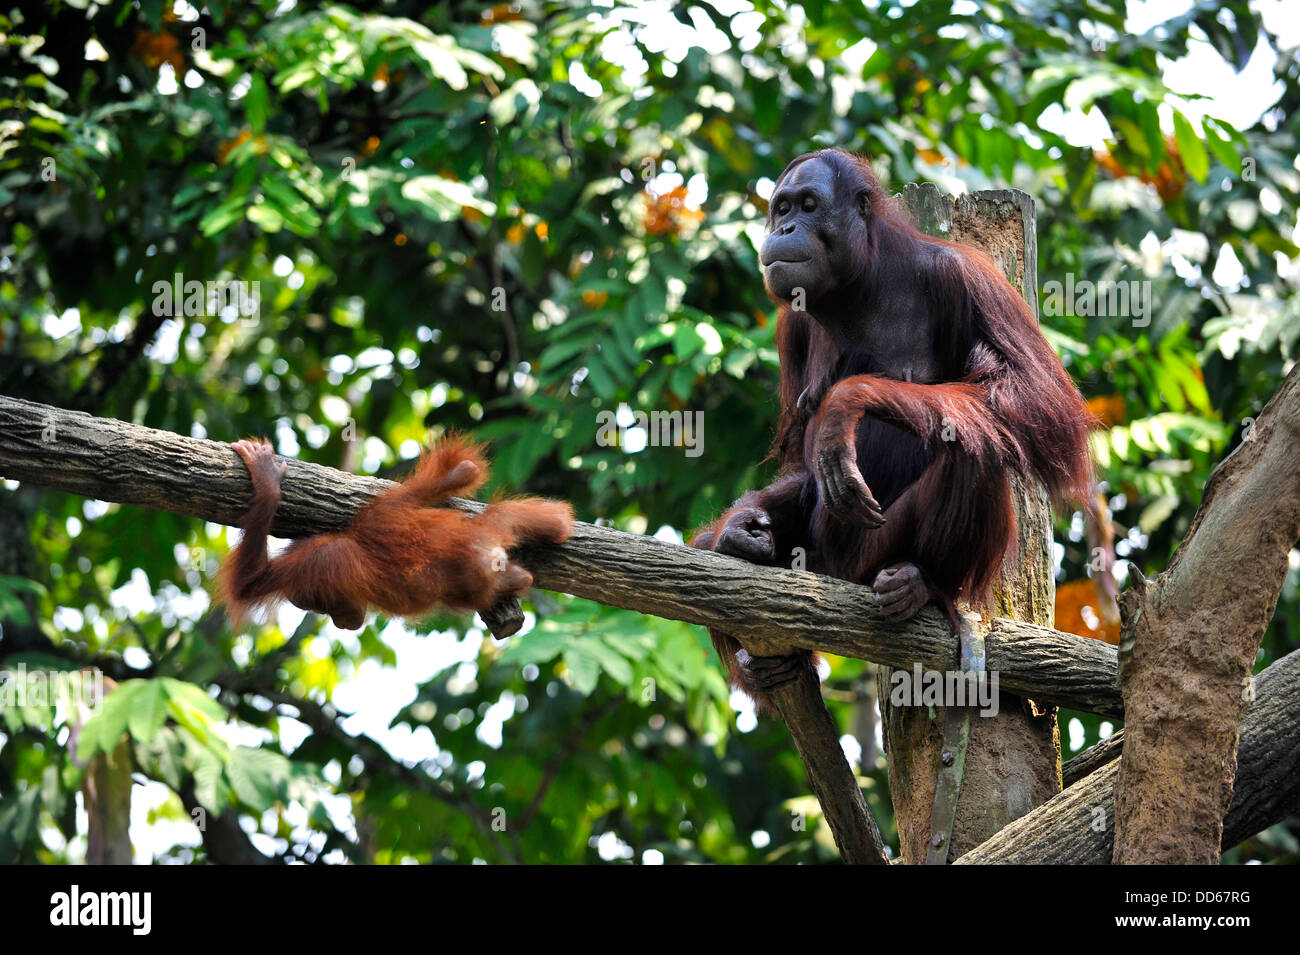 Asia di Singapore Il Bornean orangutan e il cucciolo di Singapore Zoo Immagini Stock